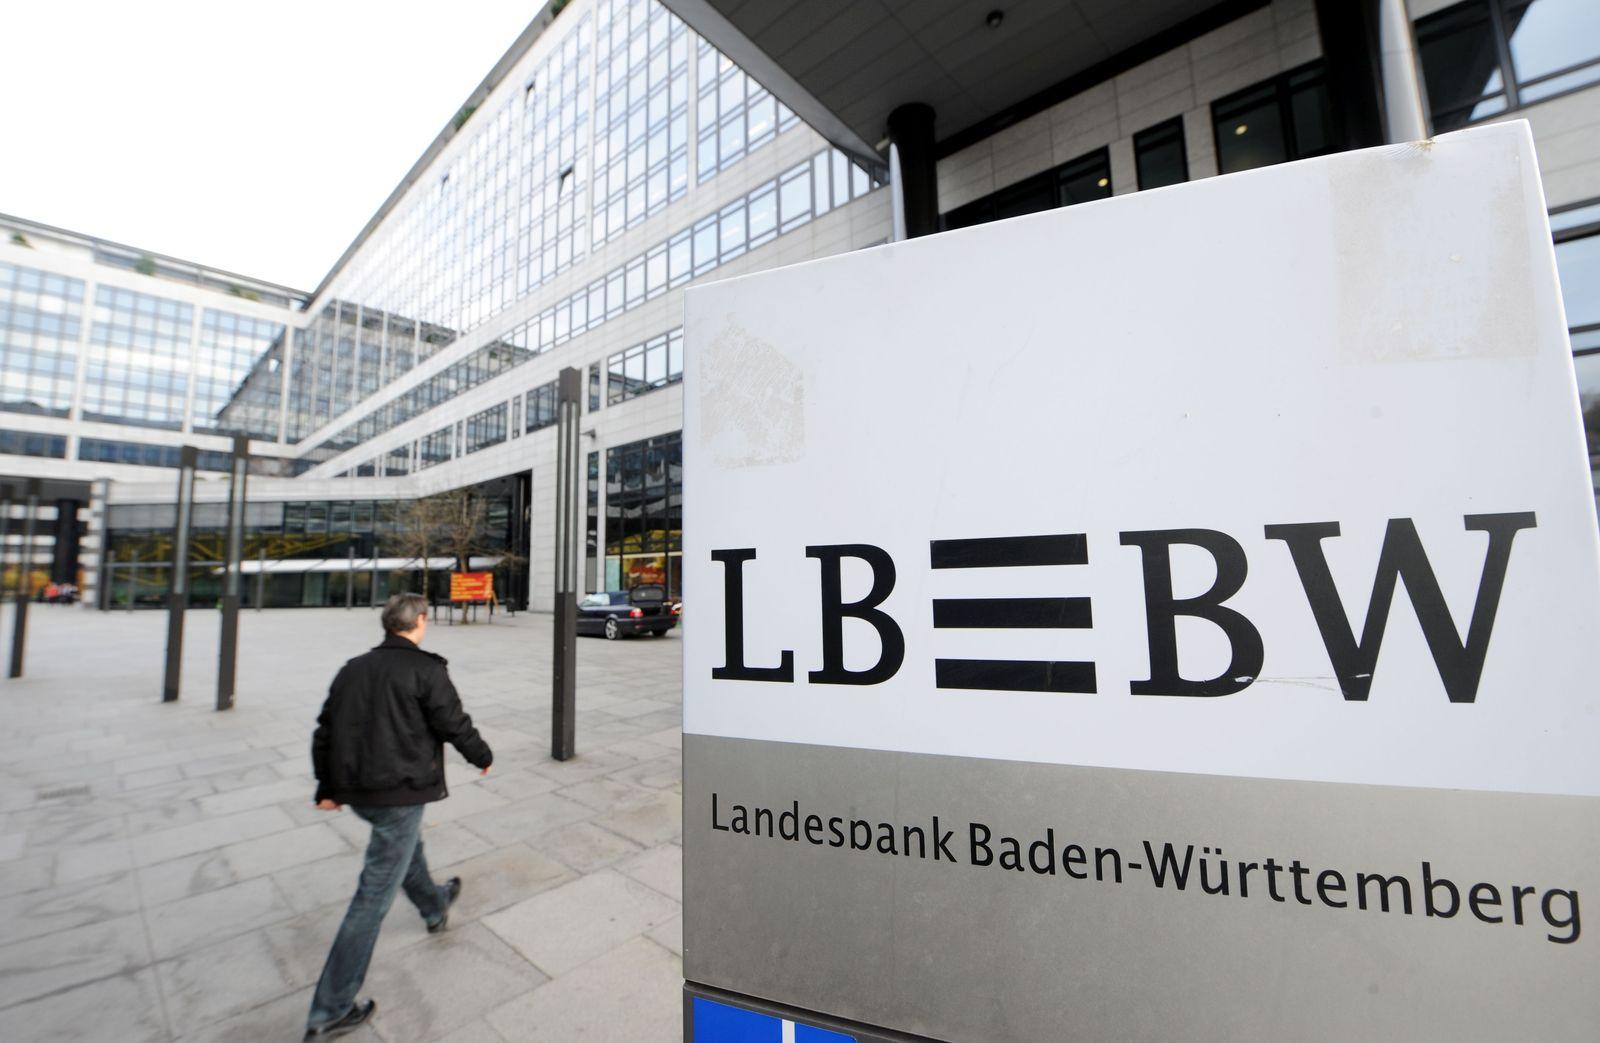 Landesbank Baden-Württemberg / Ehemalige Skandalbanken